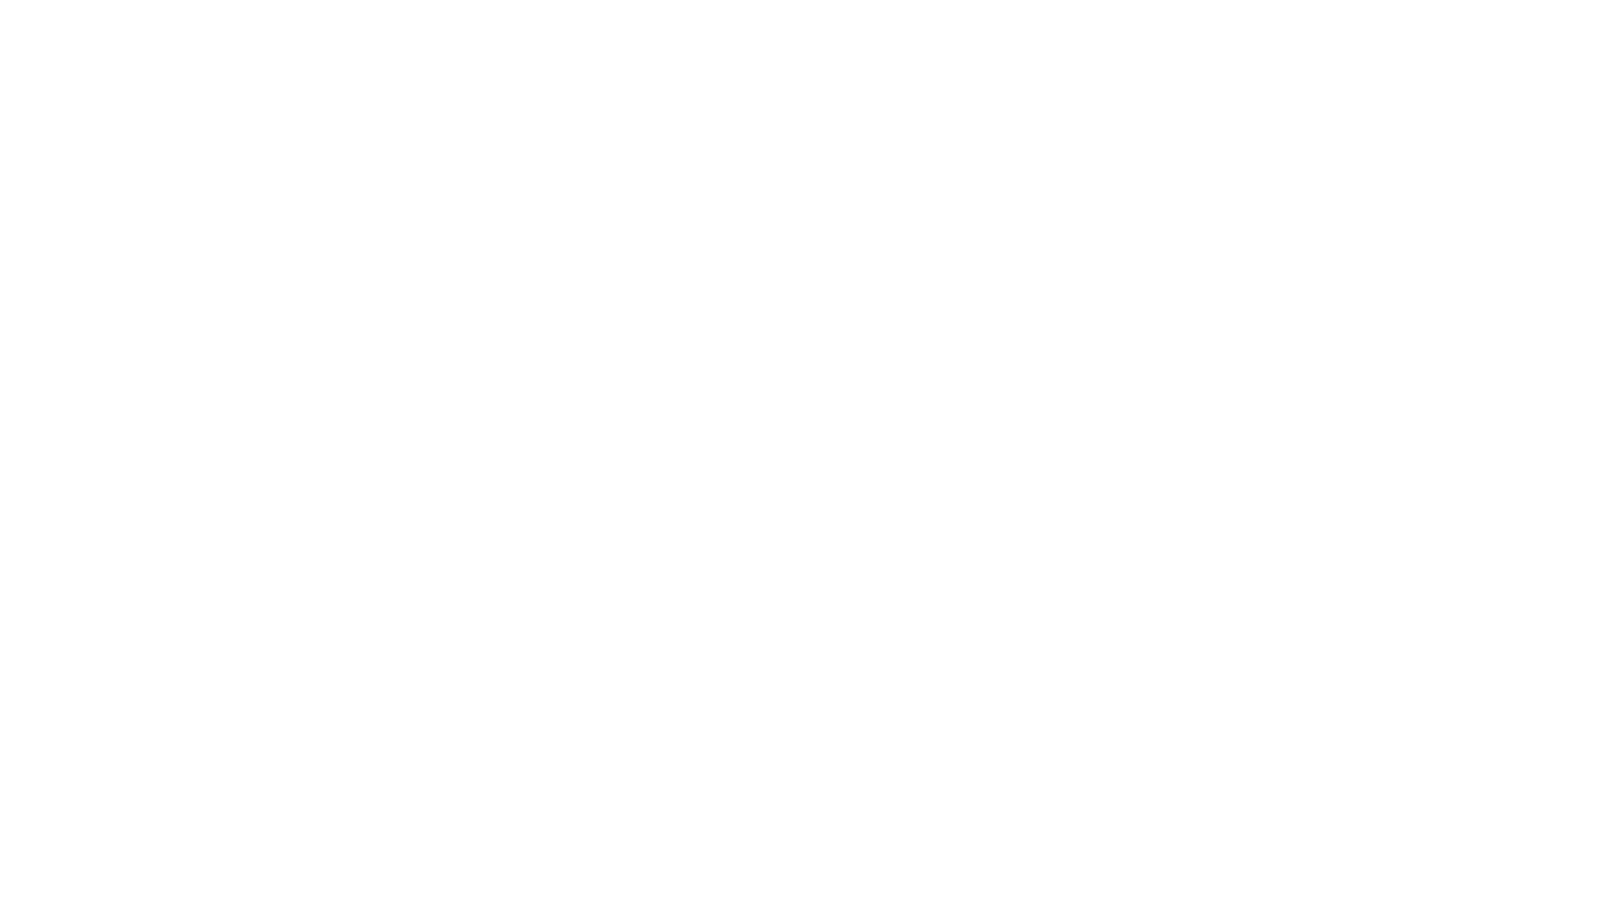 A ORDEM NAQSHBANDI DO BRASIL CONVIDA VOCÊ PARA PARTICIPAR DO Dhikr (Ziker) ao vivo!  🙏Entre em nossos Grupos de WhatsApp e aprenda mais sobre Sufismo e Islã: 💚Grupo Coração Sufi: https://chat.whatsapp.com/KWpFxlU5nJkEt01XfqJgPK 📜Grupo de Contos Sufis: https://chat.whatsapp.com/DrgmOW0xNeNLA3lSNZ1eJr  📿 O Dhikr (Lembrança de Deus) é transmitido todas quintas-feiras às 20hs.  Durante o Ziker (Dhikr) nos lembramos de Deus, nosso ❤️ se abre e Ele (swt) nos preenche.  No Brasil, o DHIKR PRESENCIAL ESTÁ SUSPENSO POR TEMPO INDETERMINADO.  A Ordem Naqshbandi está presente, mas atividades estão suspensas em: São Paulo; Brasília*; B.H; Rio de Janeiro; Campo Grande; Porto Alegre; Fortaleza*; Florianópolis*e São Luís do Maranhão*; [São Pedro, Mogi das Cruzes e Guararema (SP)]; Bal. Camboriú (SC); Erechim (RS); Petrópolis (RJ); Matinhos (PR) e Joinville (SC). In Shaa Allah em breve em Santa Cruz do Sul, (RS), Paraty (RJ) e Recife!  Que Allah (swt) abençoe o Ziker de todos!  🌐 https://naqshbandibrasil.org/